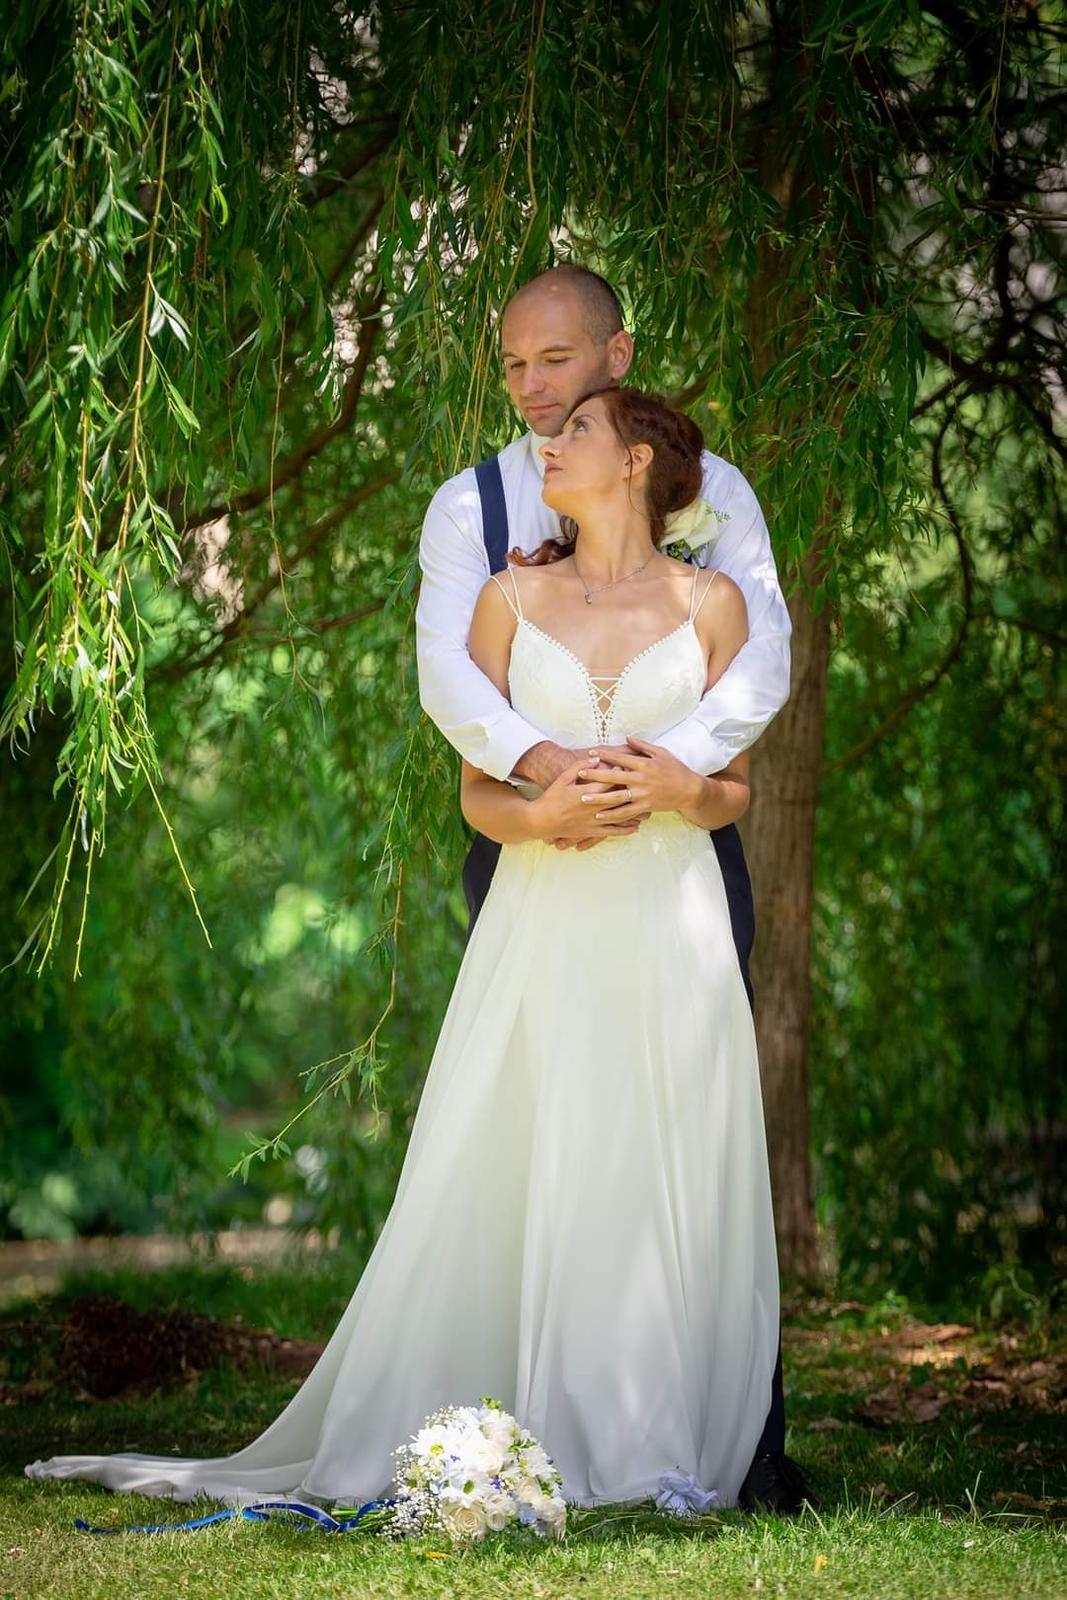 prodám svatební boho šaty - Obrázek č. 1